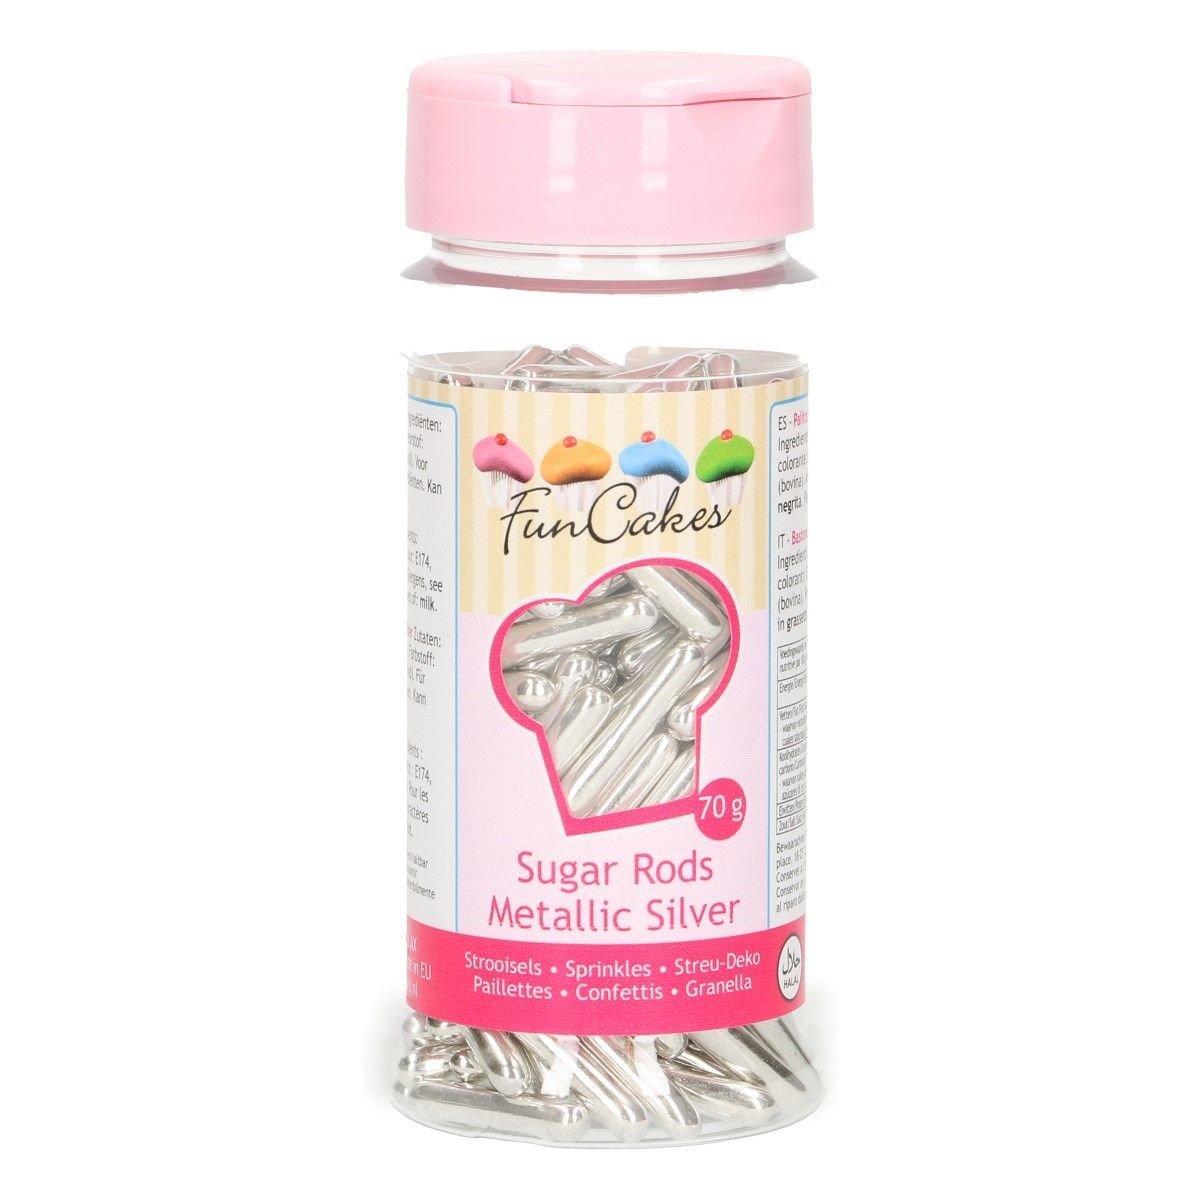 FunCakes Sprinkles -Metallic Sugar Rods XL SILVER -Μείγμα Ζαχαρωτών Ράβδοι -Ασημί 70γρ